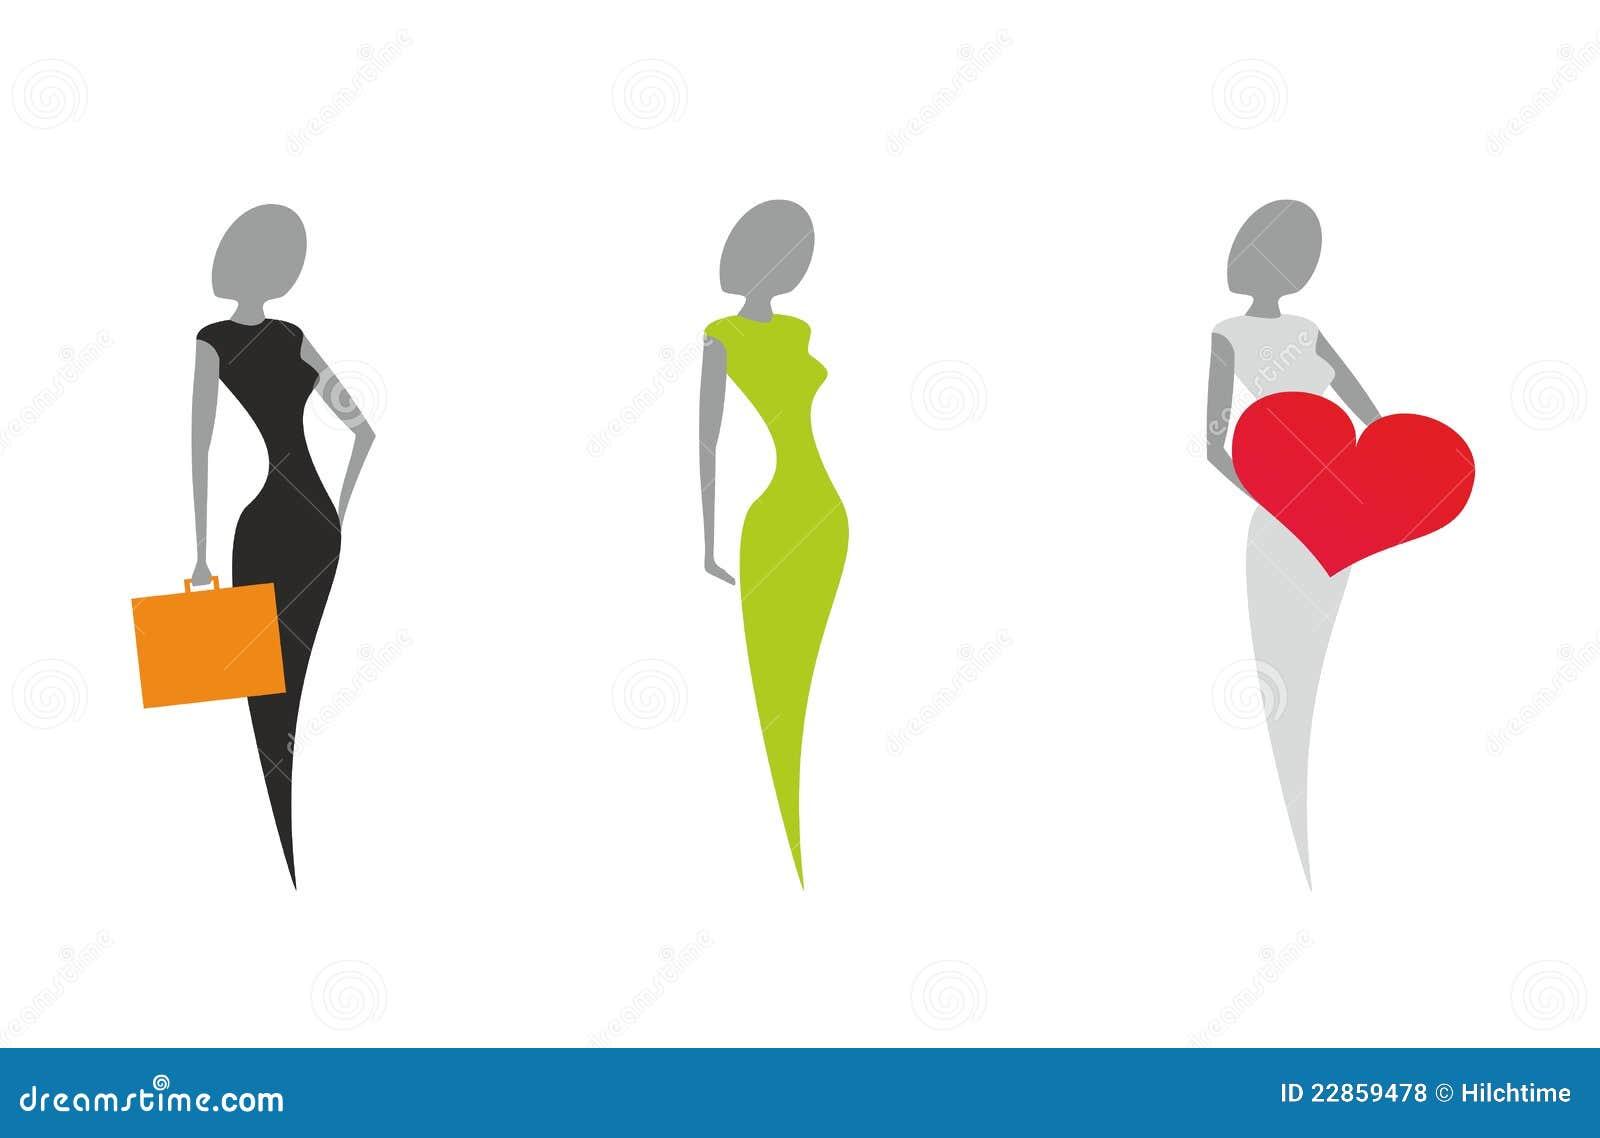 Favoloso Donne stilizzate foto stock - Iscriviti Gratis WI28